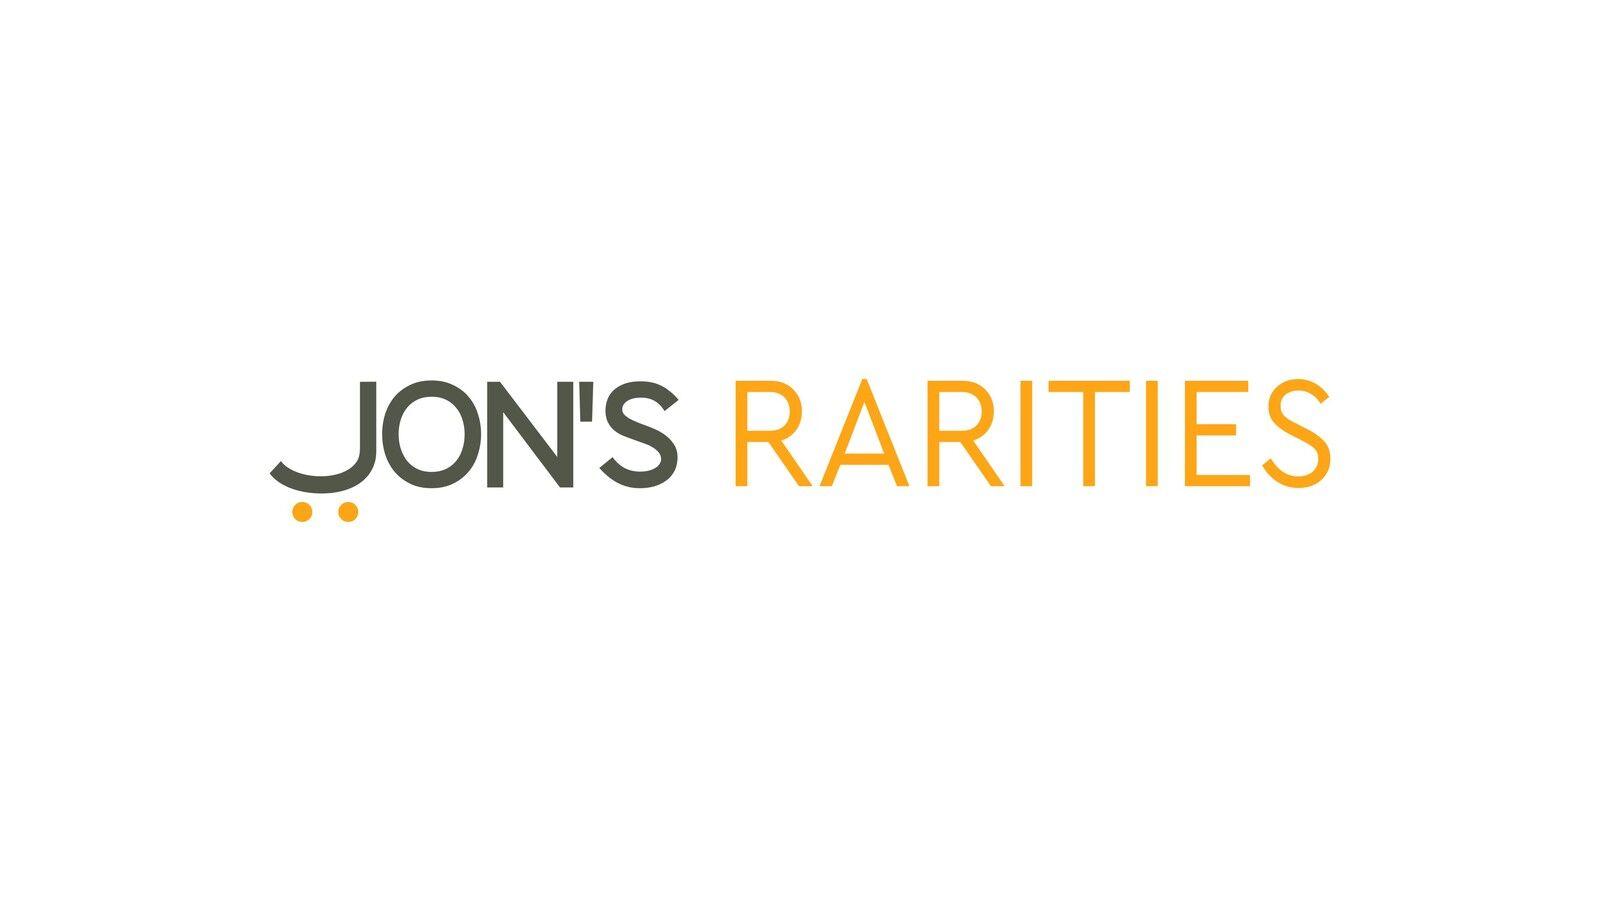 Jon's Rarities